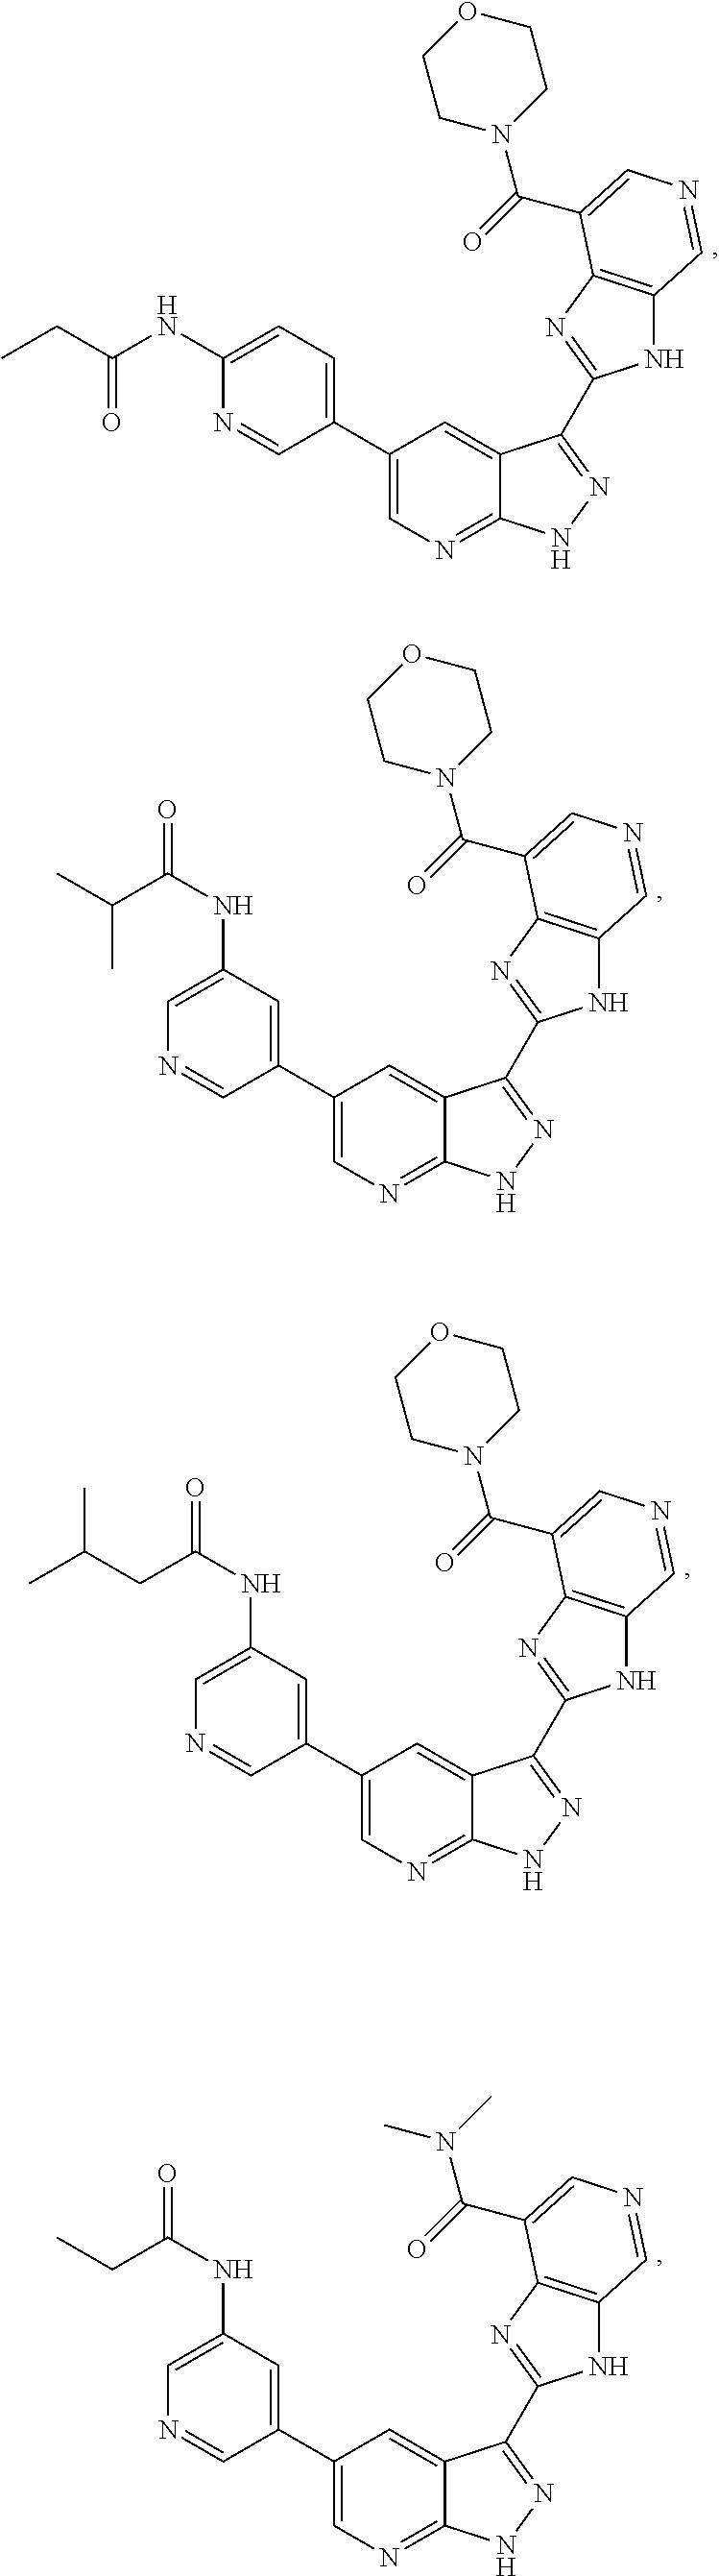 Figure US08618128-20131231-C00042